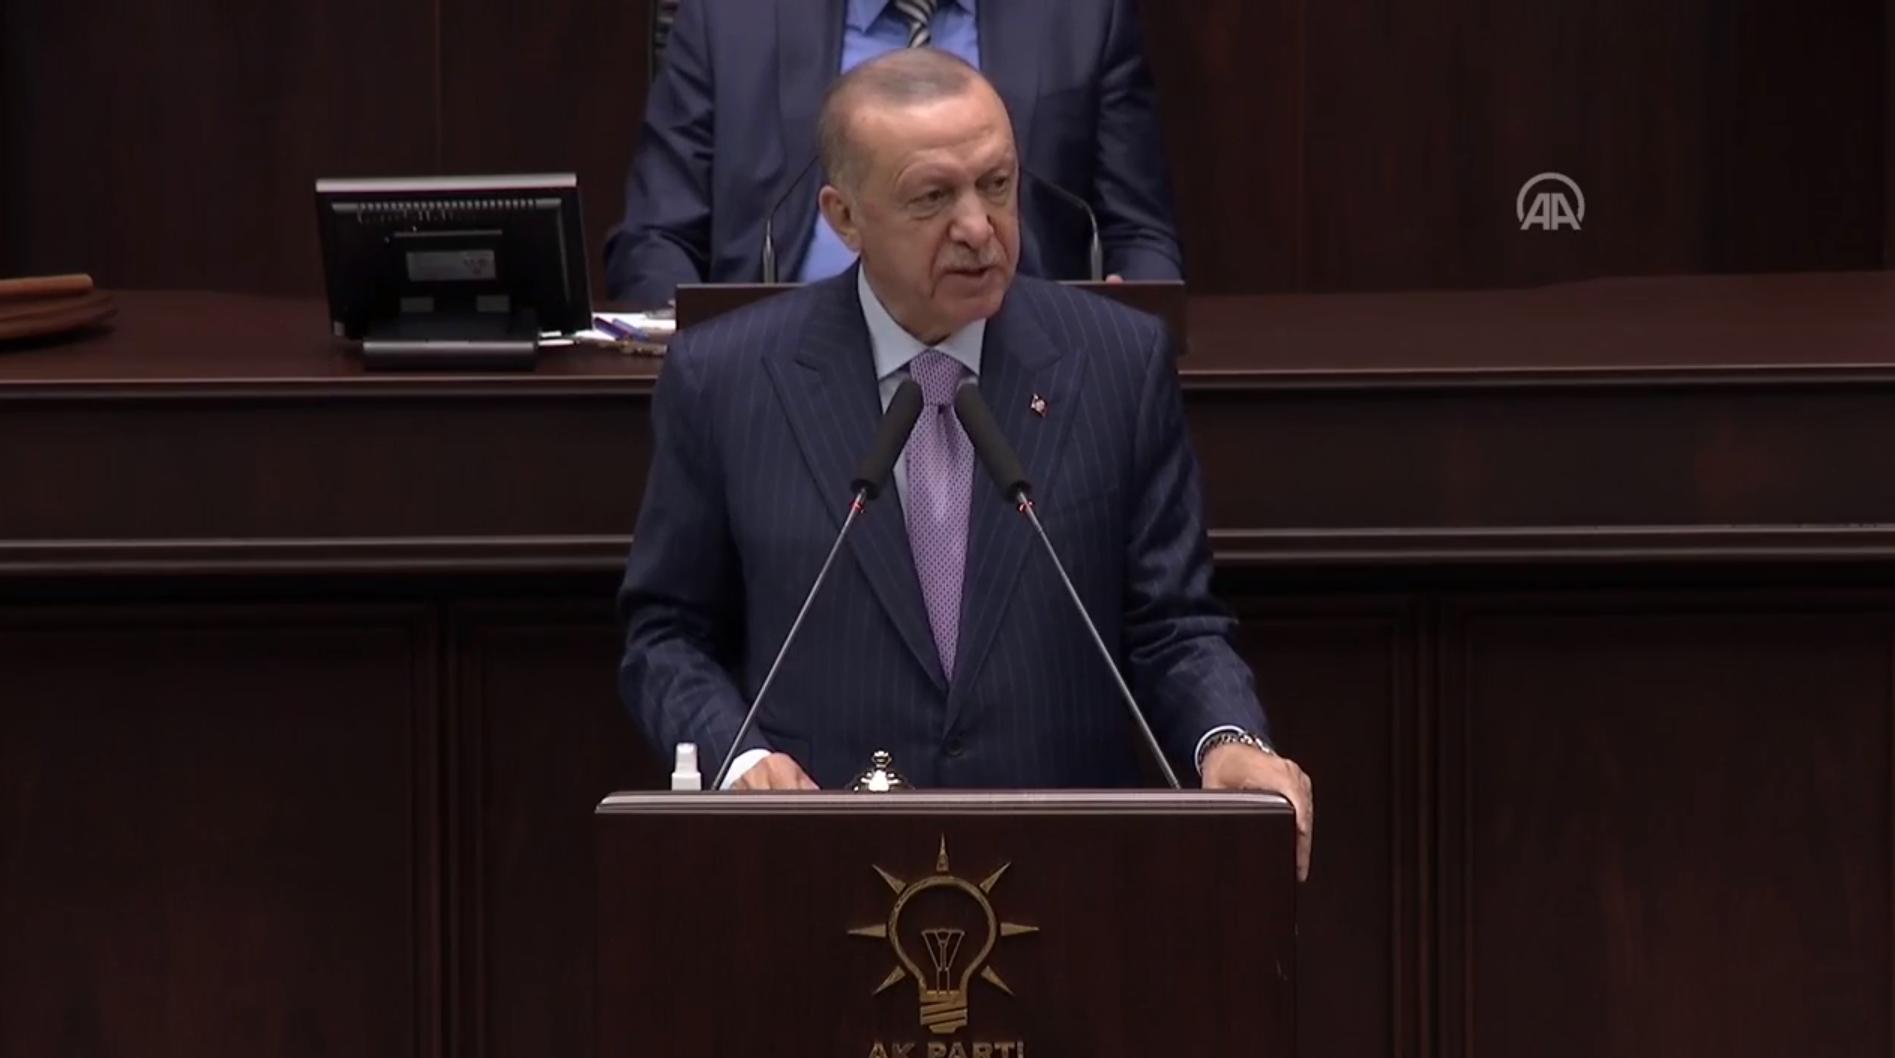 Cumhurbaşkanı Erdoğan'dan AK Parti Grup Toplantısında önemli açıklamalar! CHP'nin HDP'ye boğun eğmesi ne kadar hazin bir tablo